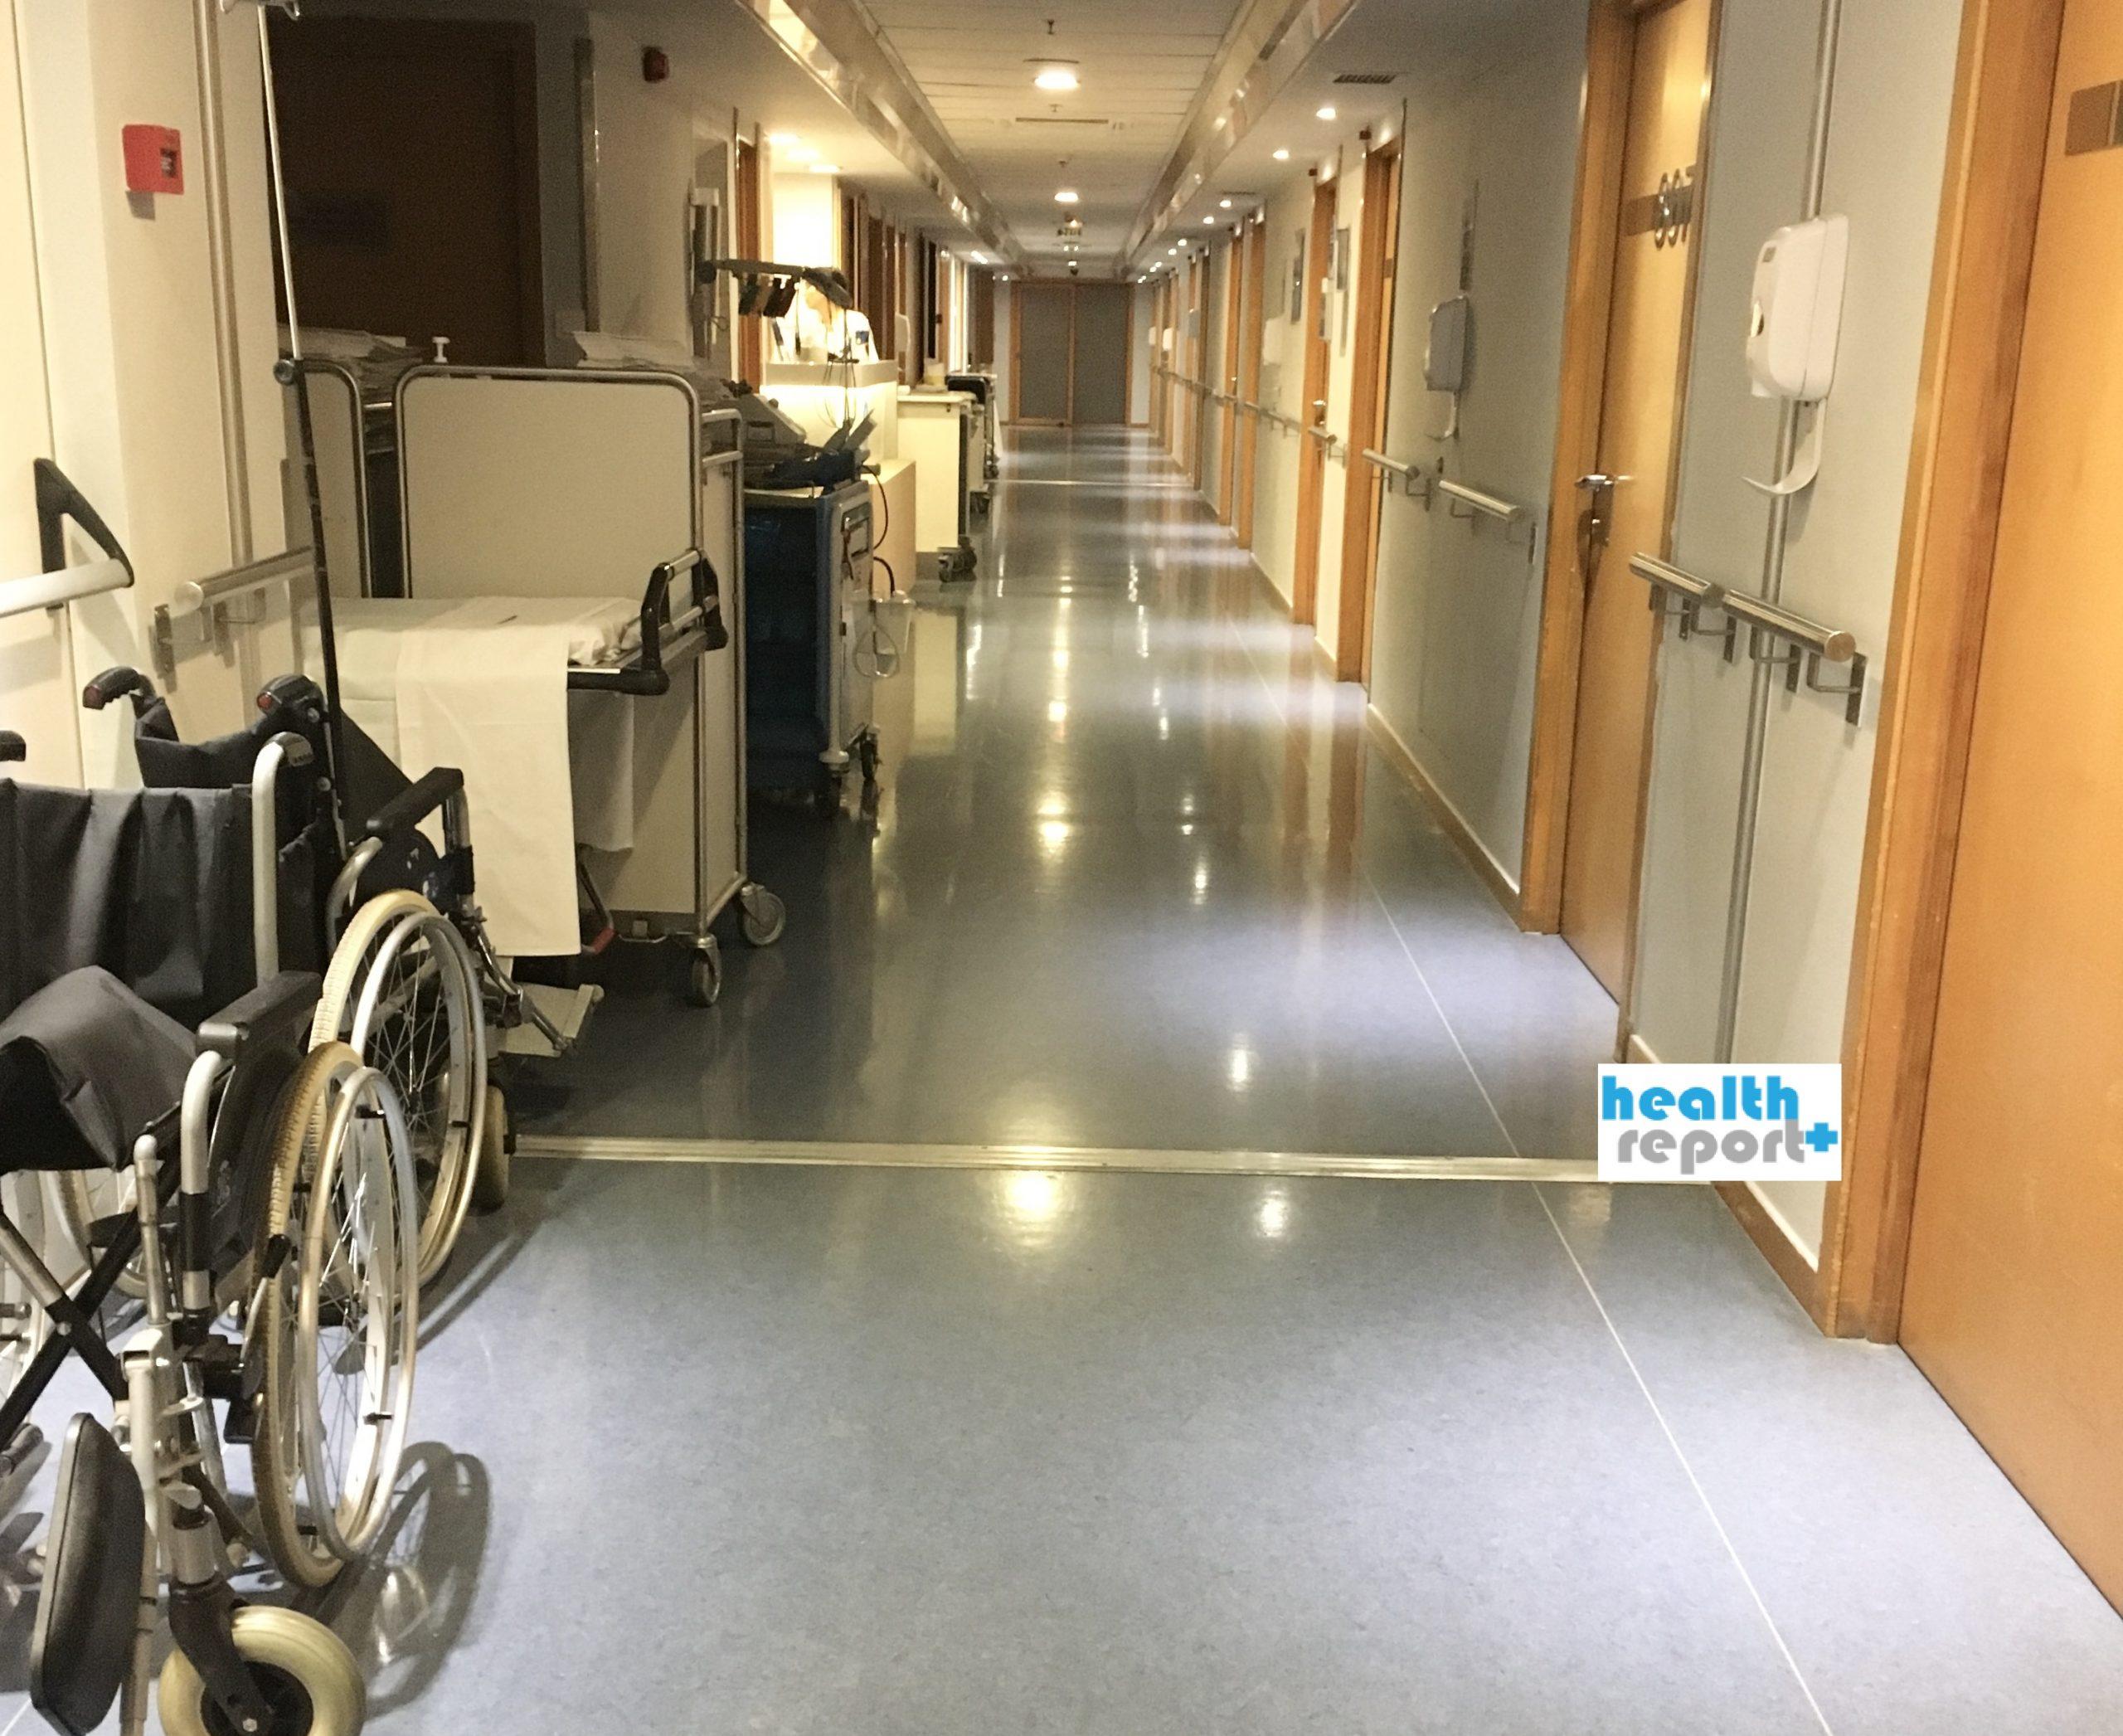 Διοικητές Νοσοκομείων: Νέα προκήρυξη για 24 στελέχη! Όλες οι θέσεις και τα δικαιολογητικά